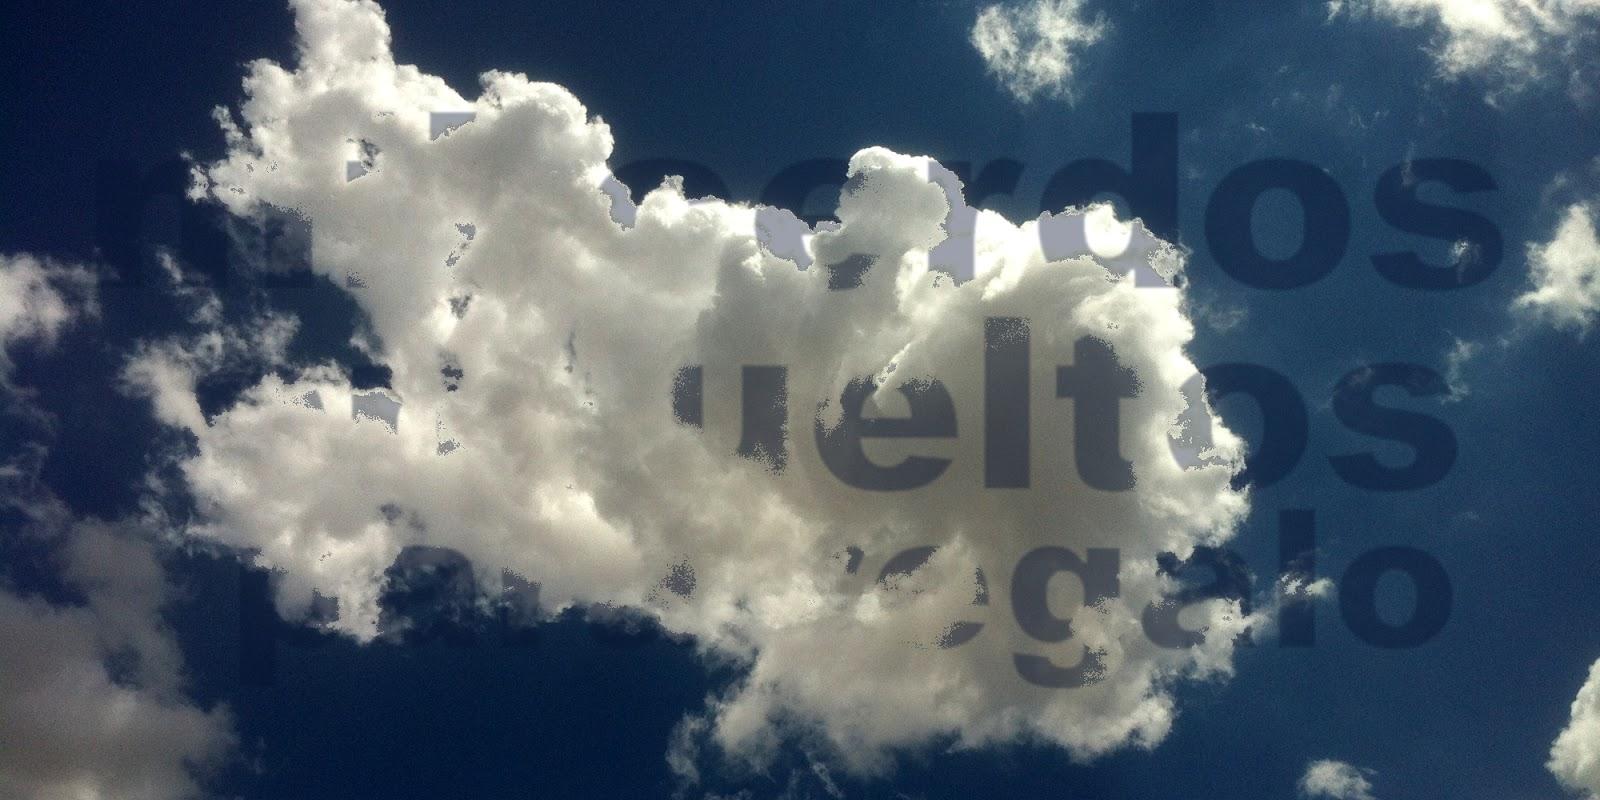 La nube que me trae el título de la novela, 2014 Abbé Nozal